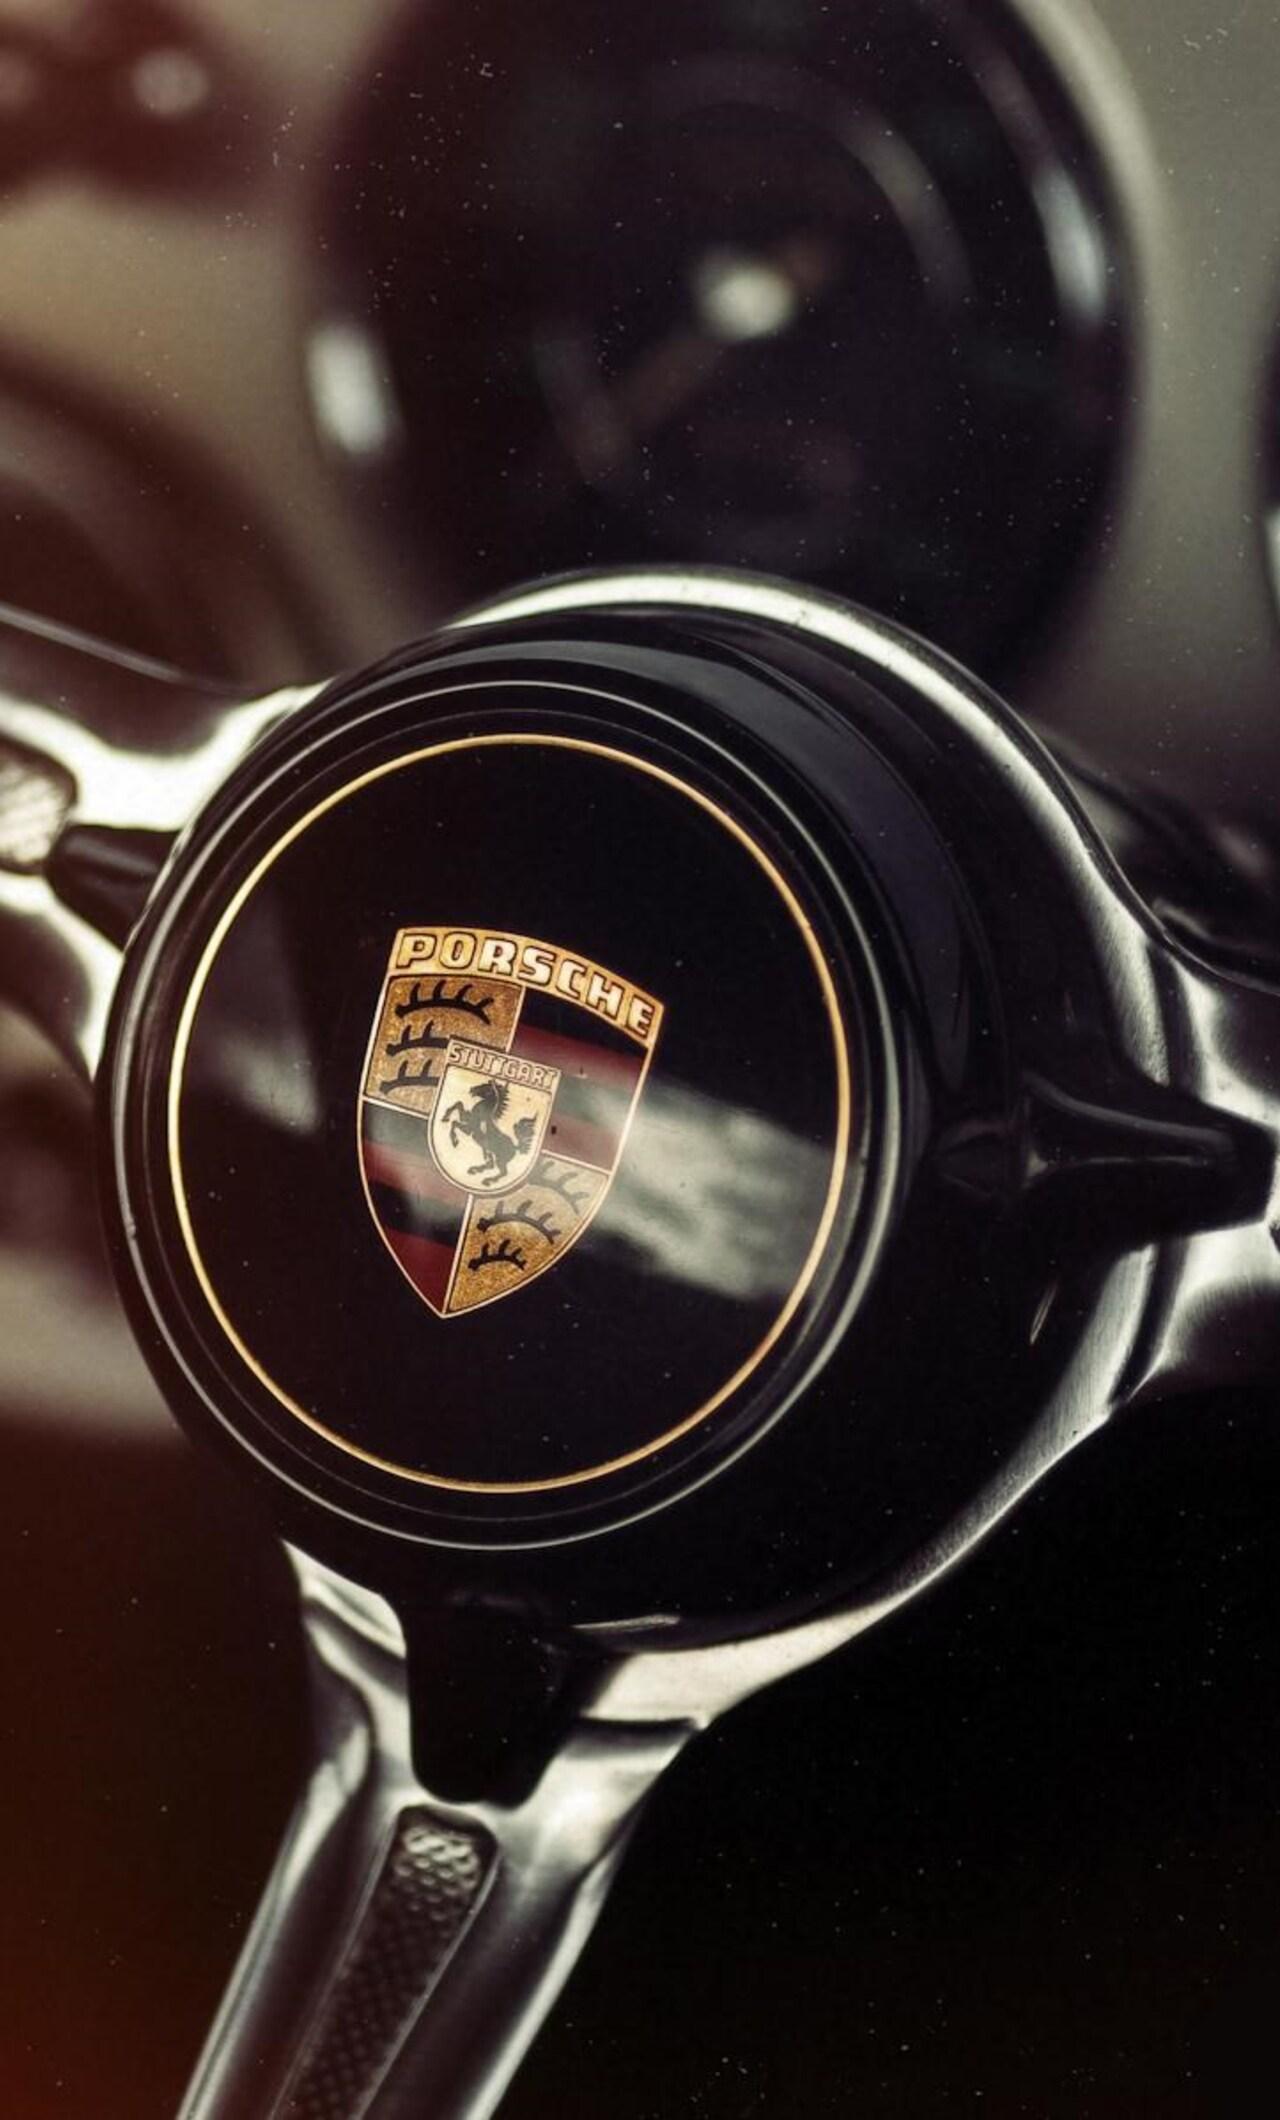 1280x2120 Porsche Car Steering Iphone 6 Hd 4k Wallpapers Images